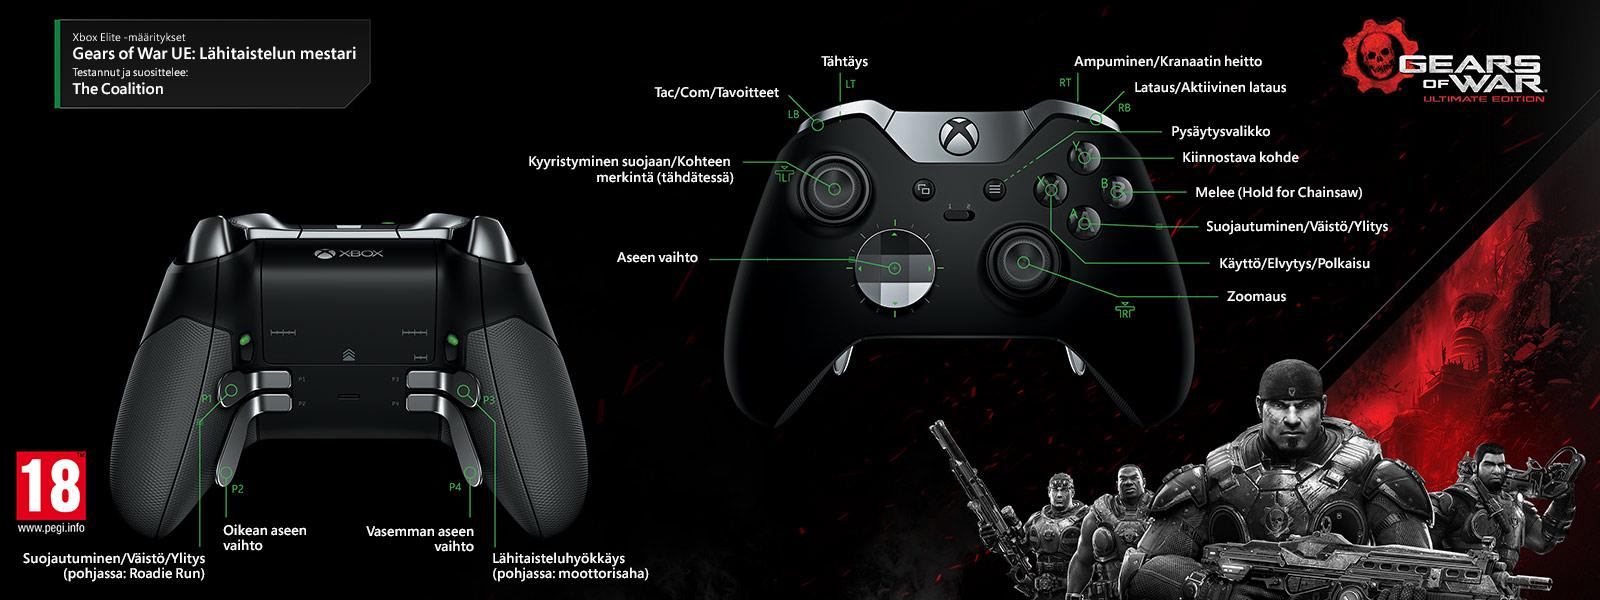 Gears of Wars Ultimate Edition – Elite-määritys lähitaisteluun ja moninpeliin